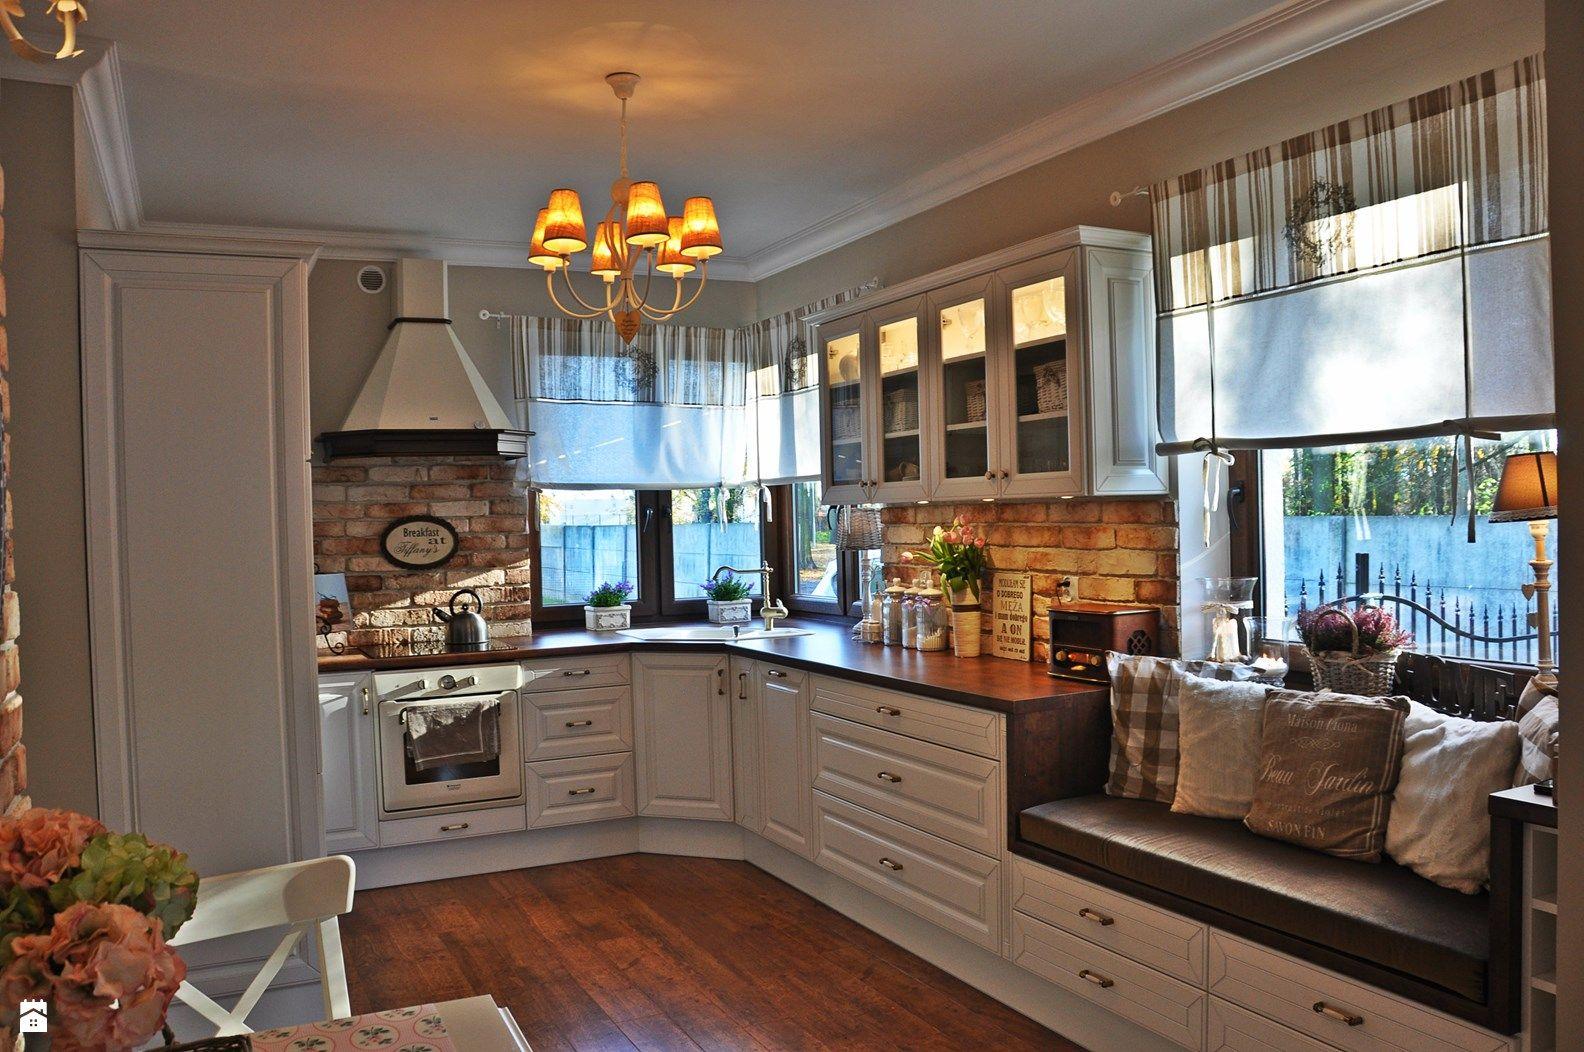 Cucina Stile Provenzale Pubblicato Da Homelook It Cucina Styl Provenzale Homelook It Progetti Di Cucine Cucine Country Idee Per La Cucina